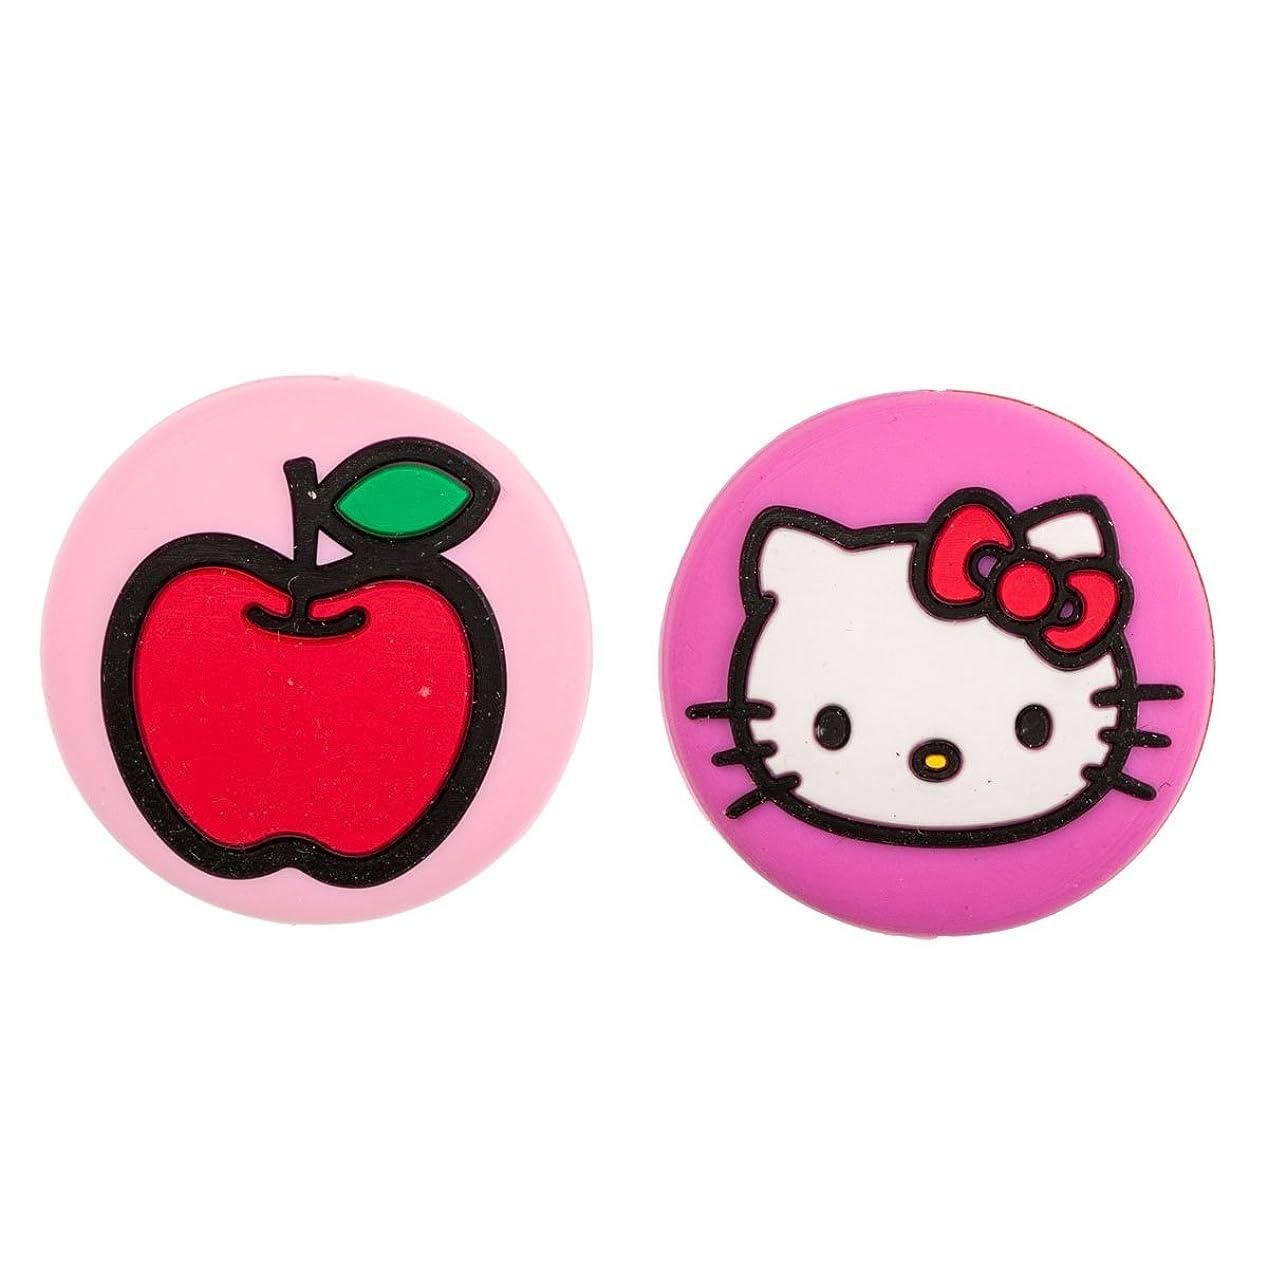 関税絶滅させる愛するハローキティ(Hello Kitty) スポーツ バイブレーション ダンペナー HK123 HK124 HK125 (キティ&アップル(HK123))